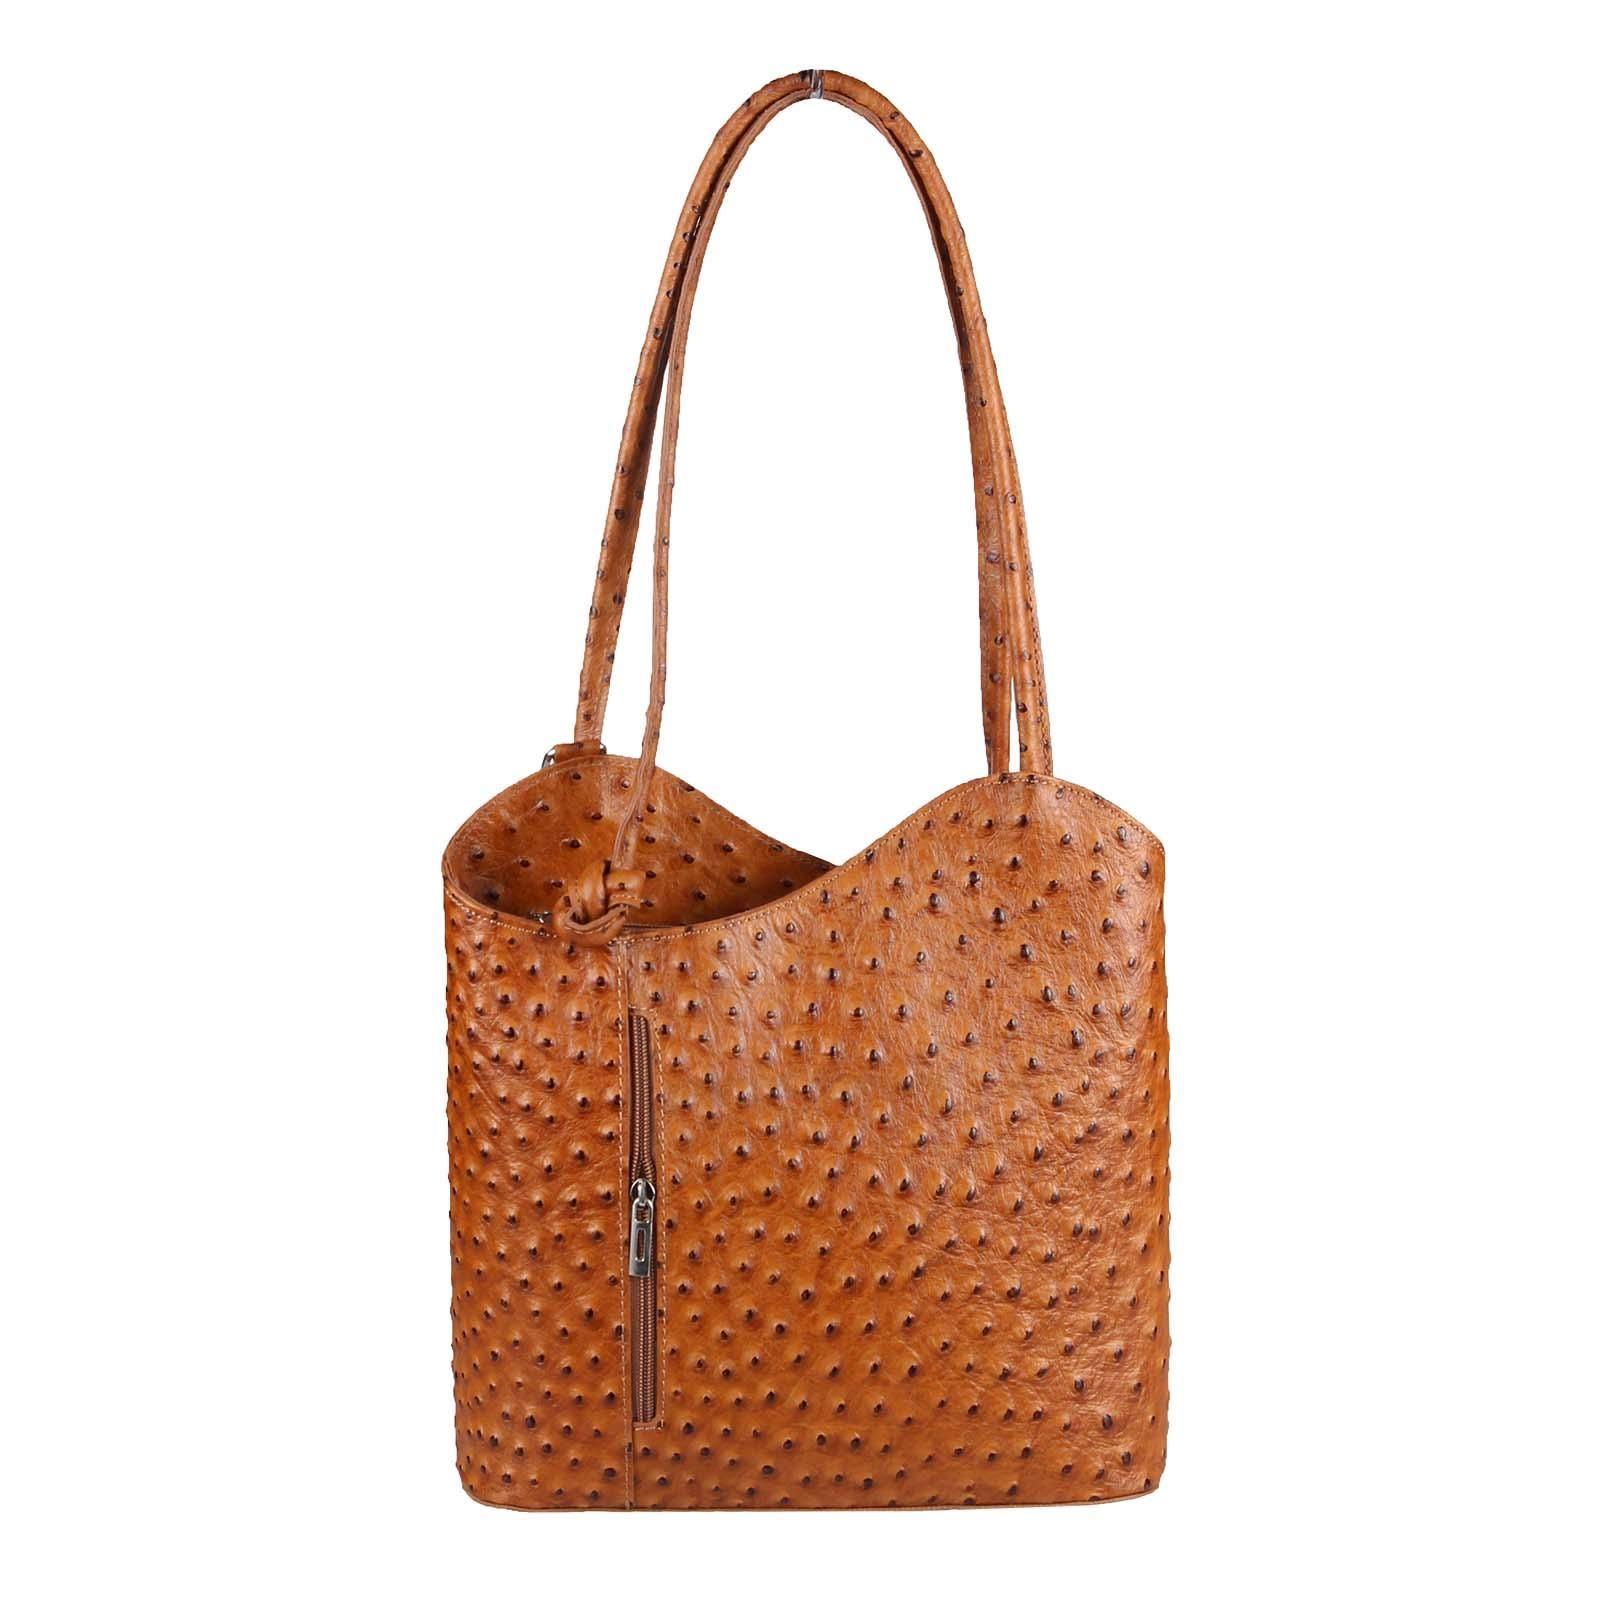 0ec1dd87c32b52 ITAL DAMEN LEDER TASCHE RUCKSACK Handtasche Umhängetasche Schultertasche  Shopper Henkeltasche Strauß Prägung Ledertasche Backpack .